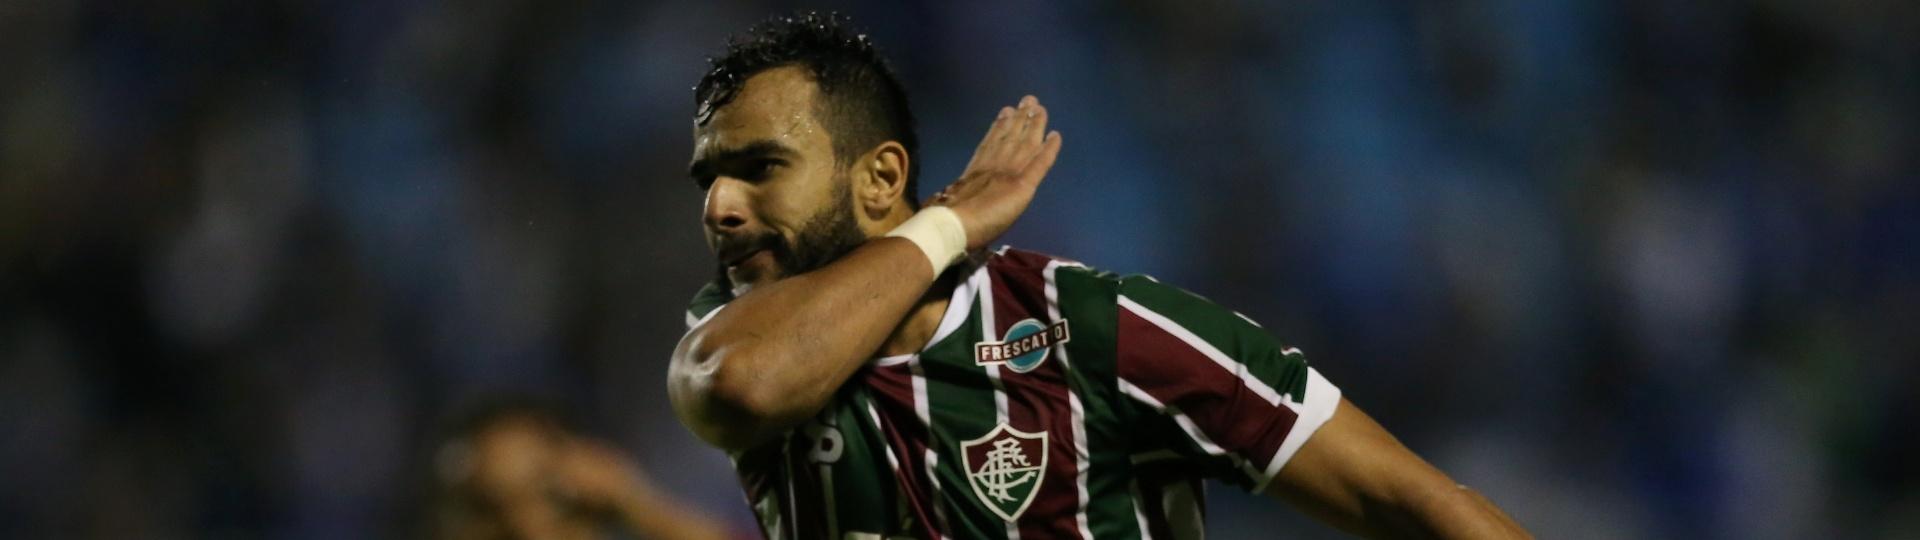 Henrique Ceifador comemora mais um gol com a camisa do Fluminense